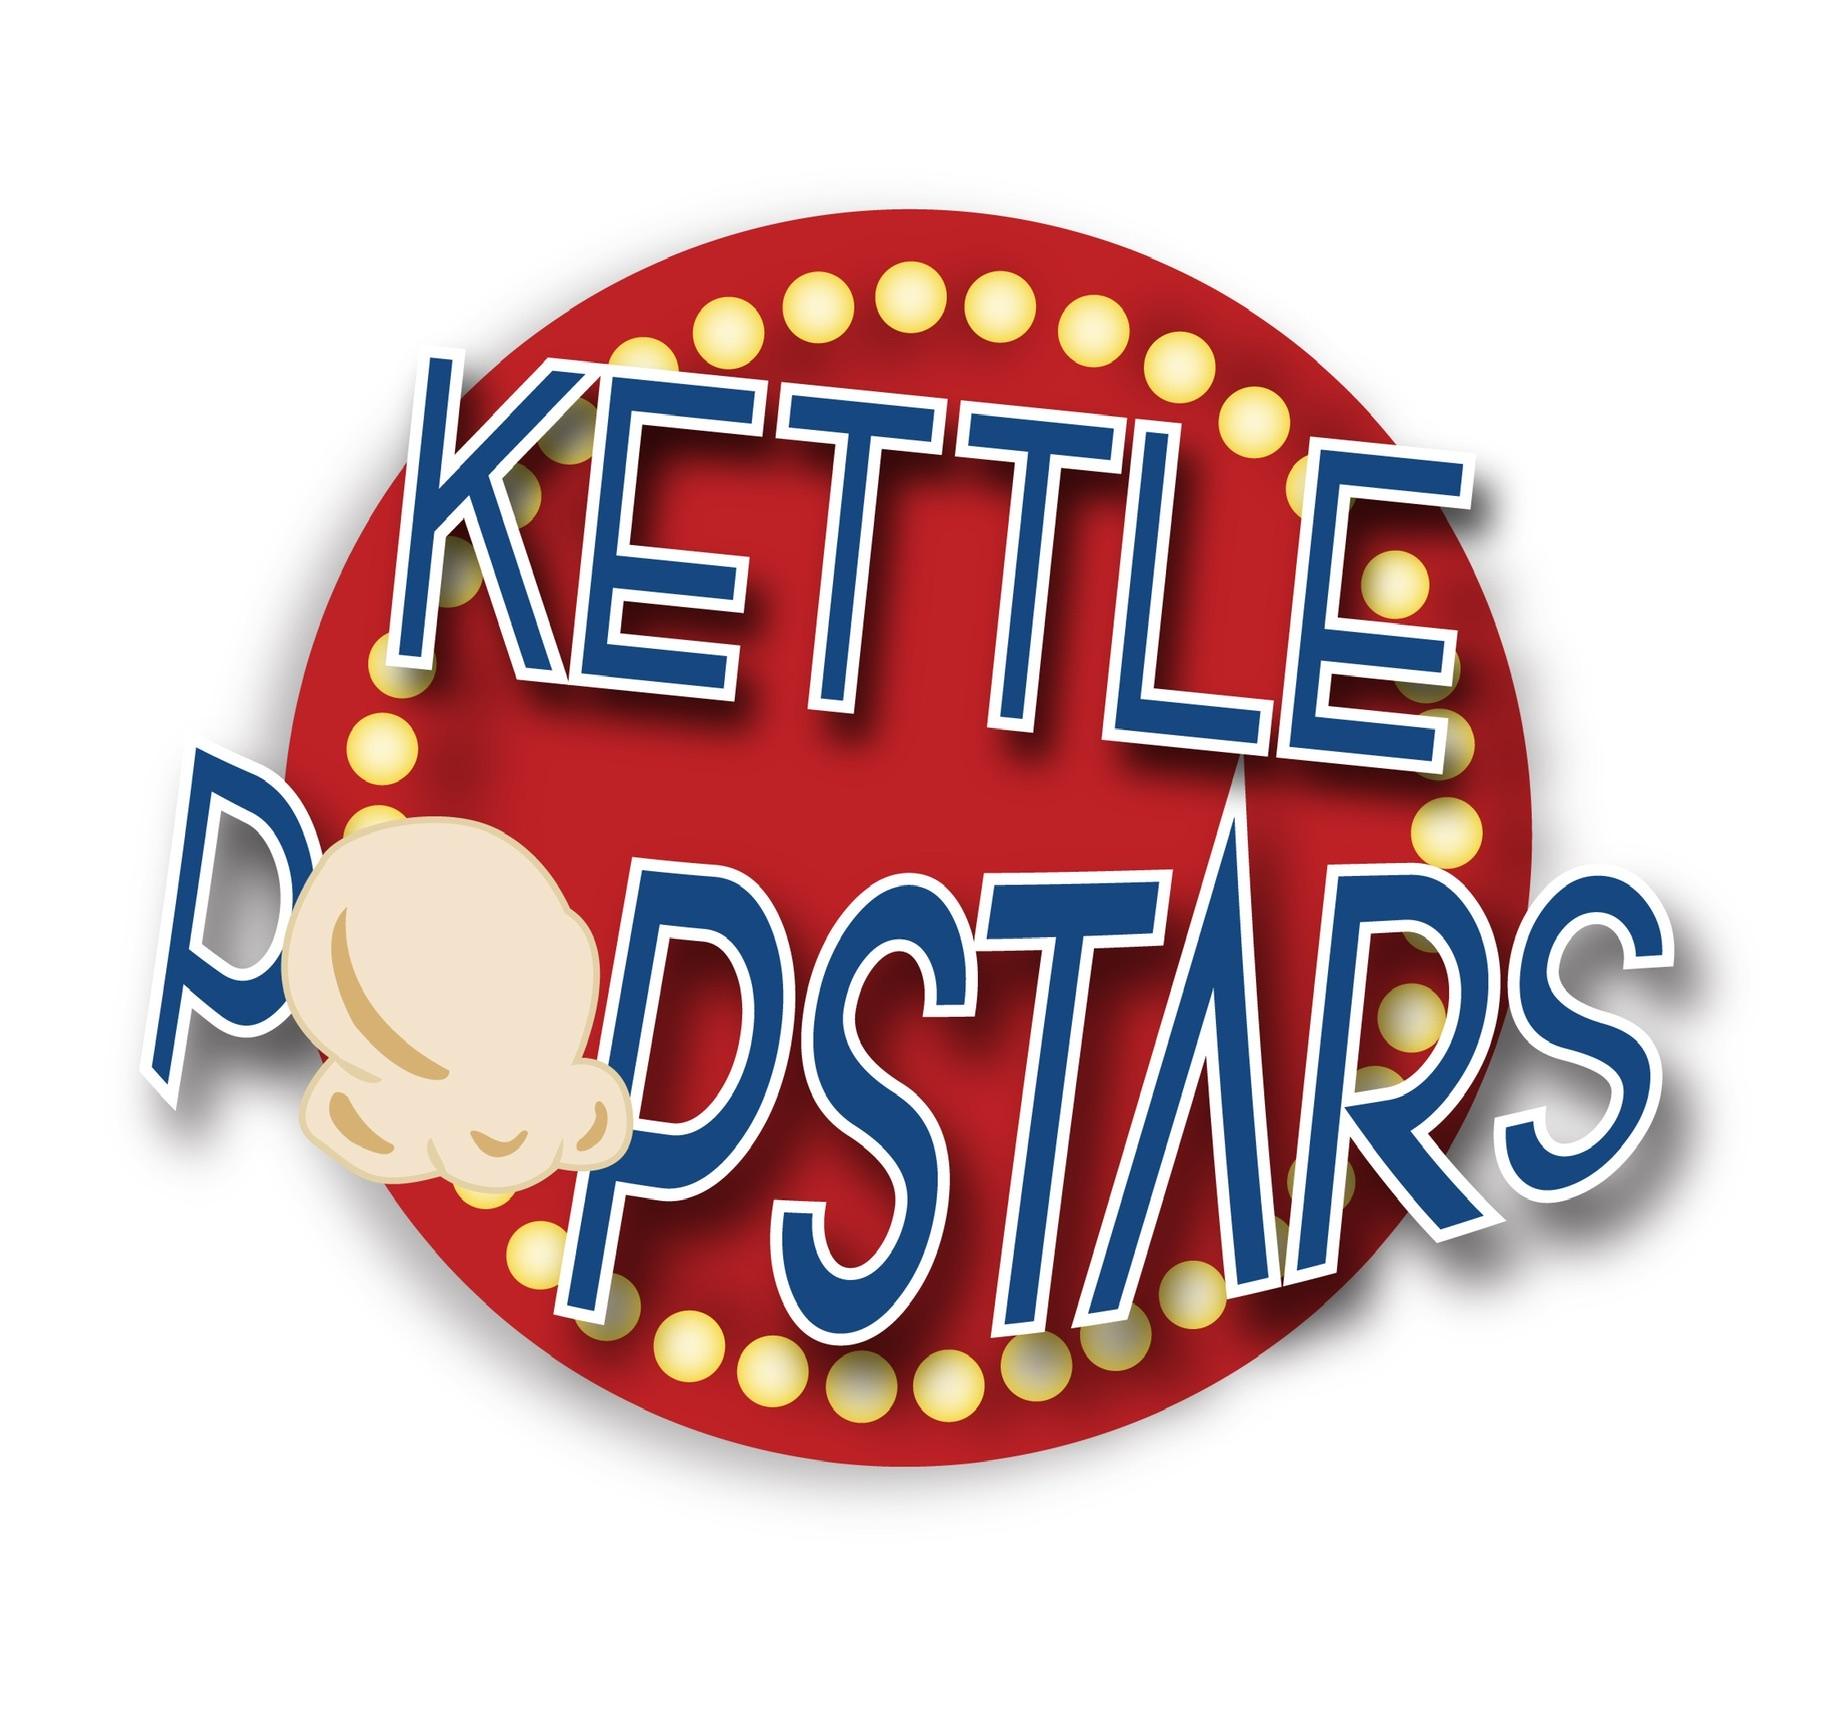 Kettle Popstars